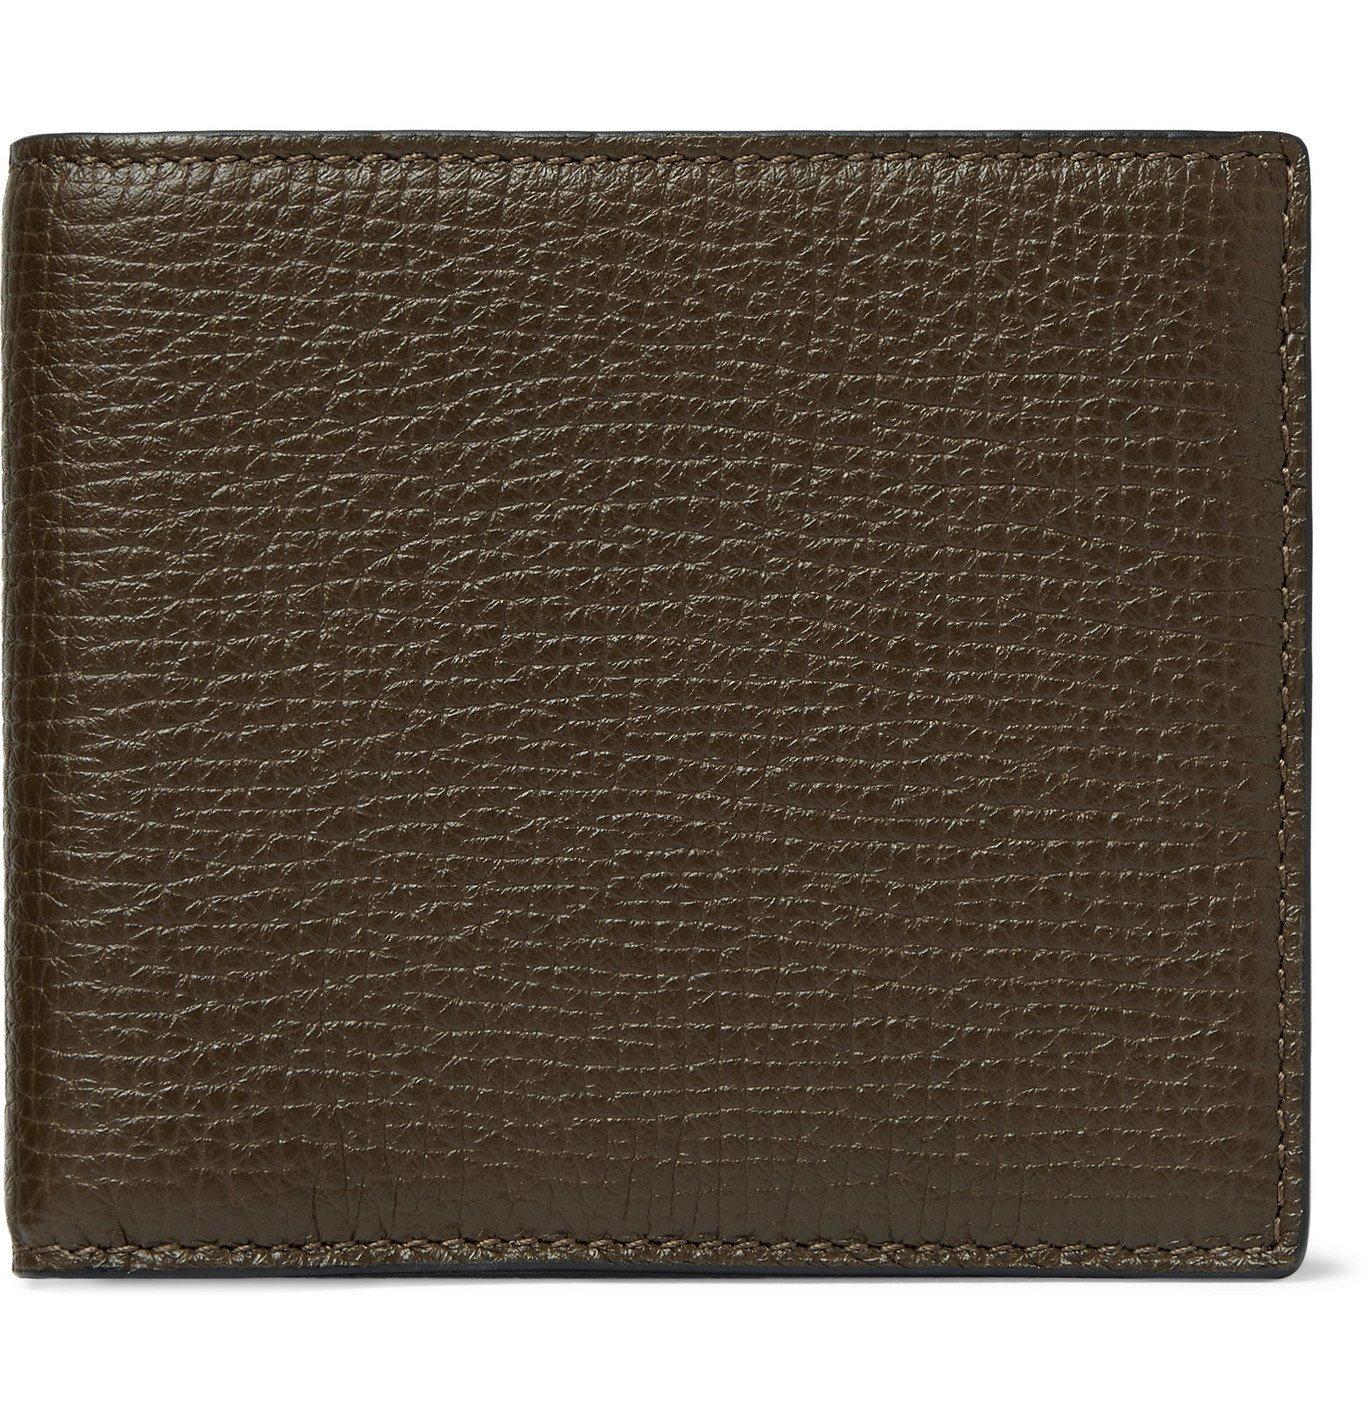 Smythson - Full-Grain Leather Billfold Wallet - Green